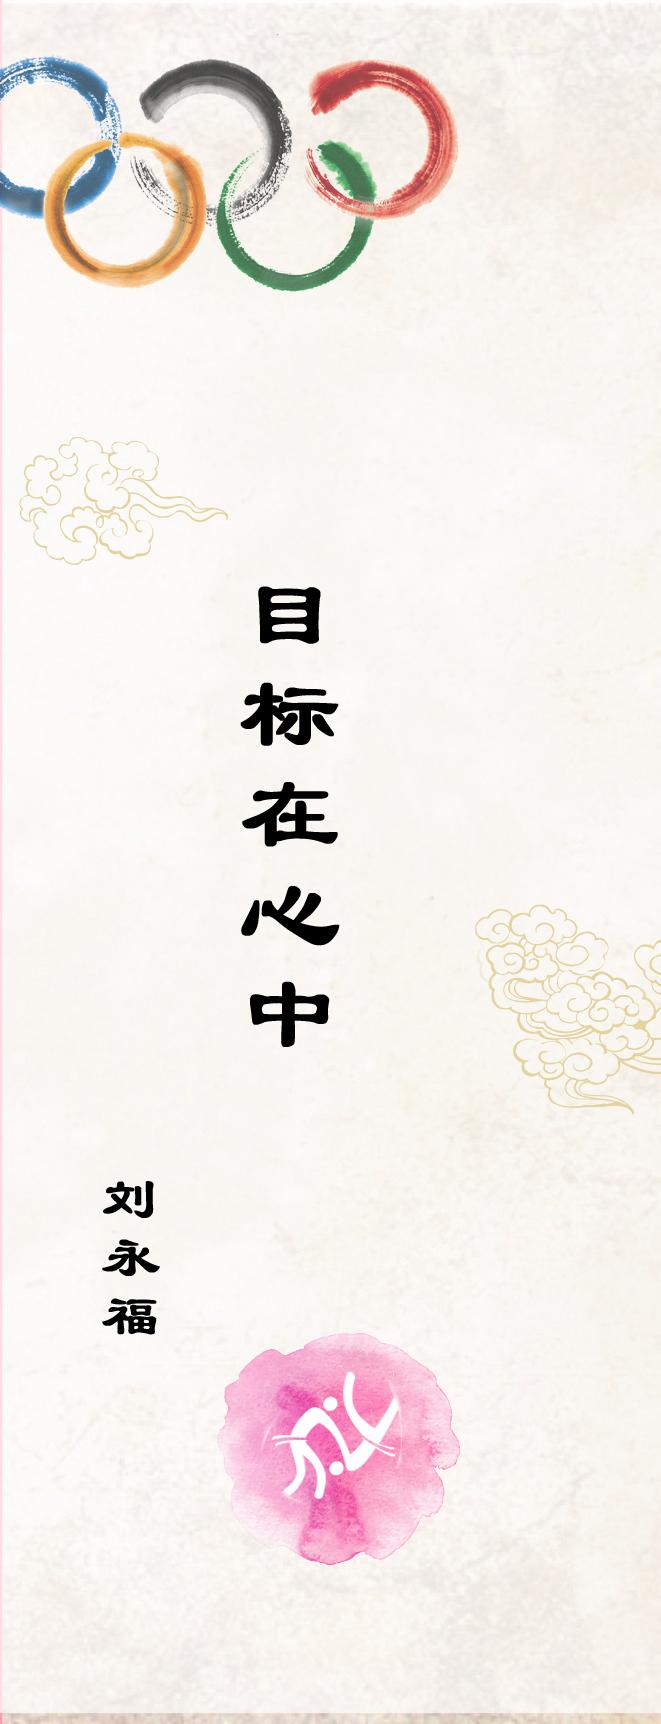 刘永福:目标在心中